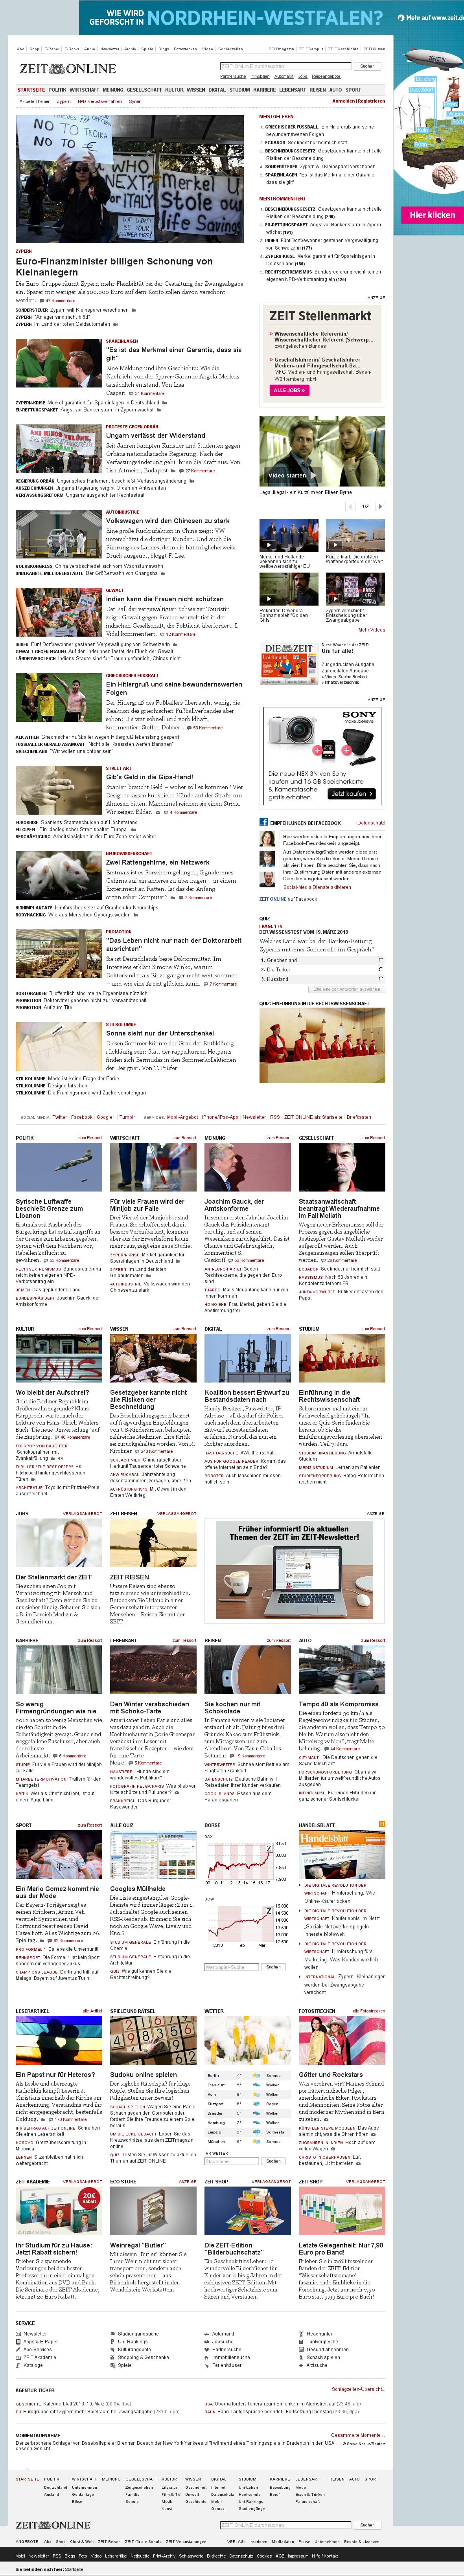 Zeit Online at Monday March 18, 2013, 11:32 p.m. UTC